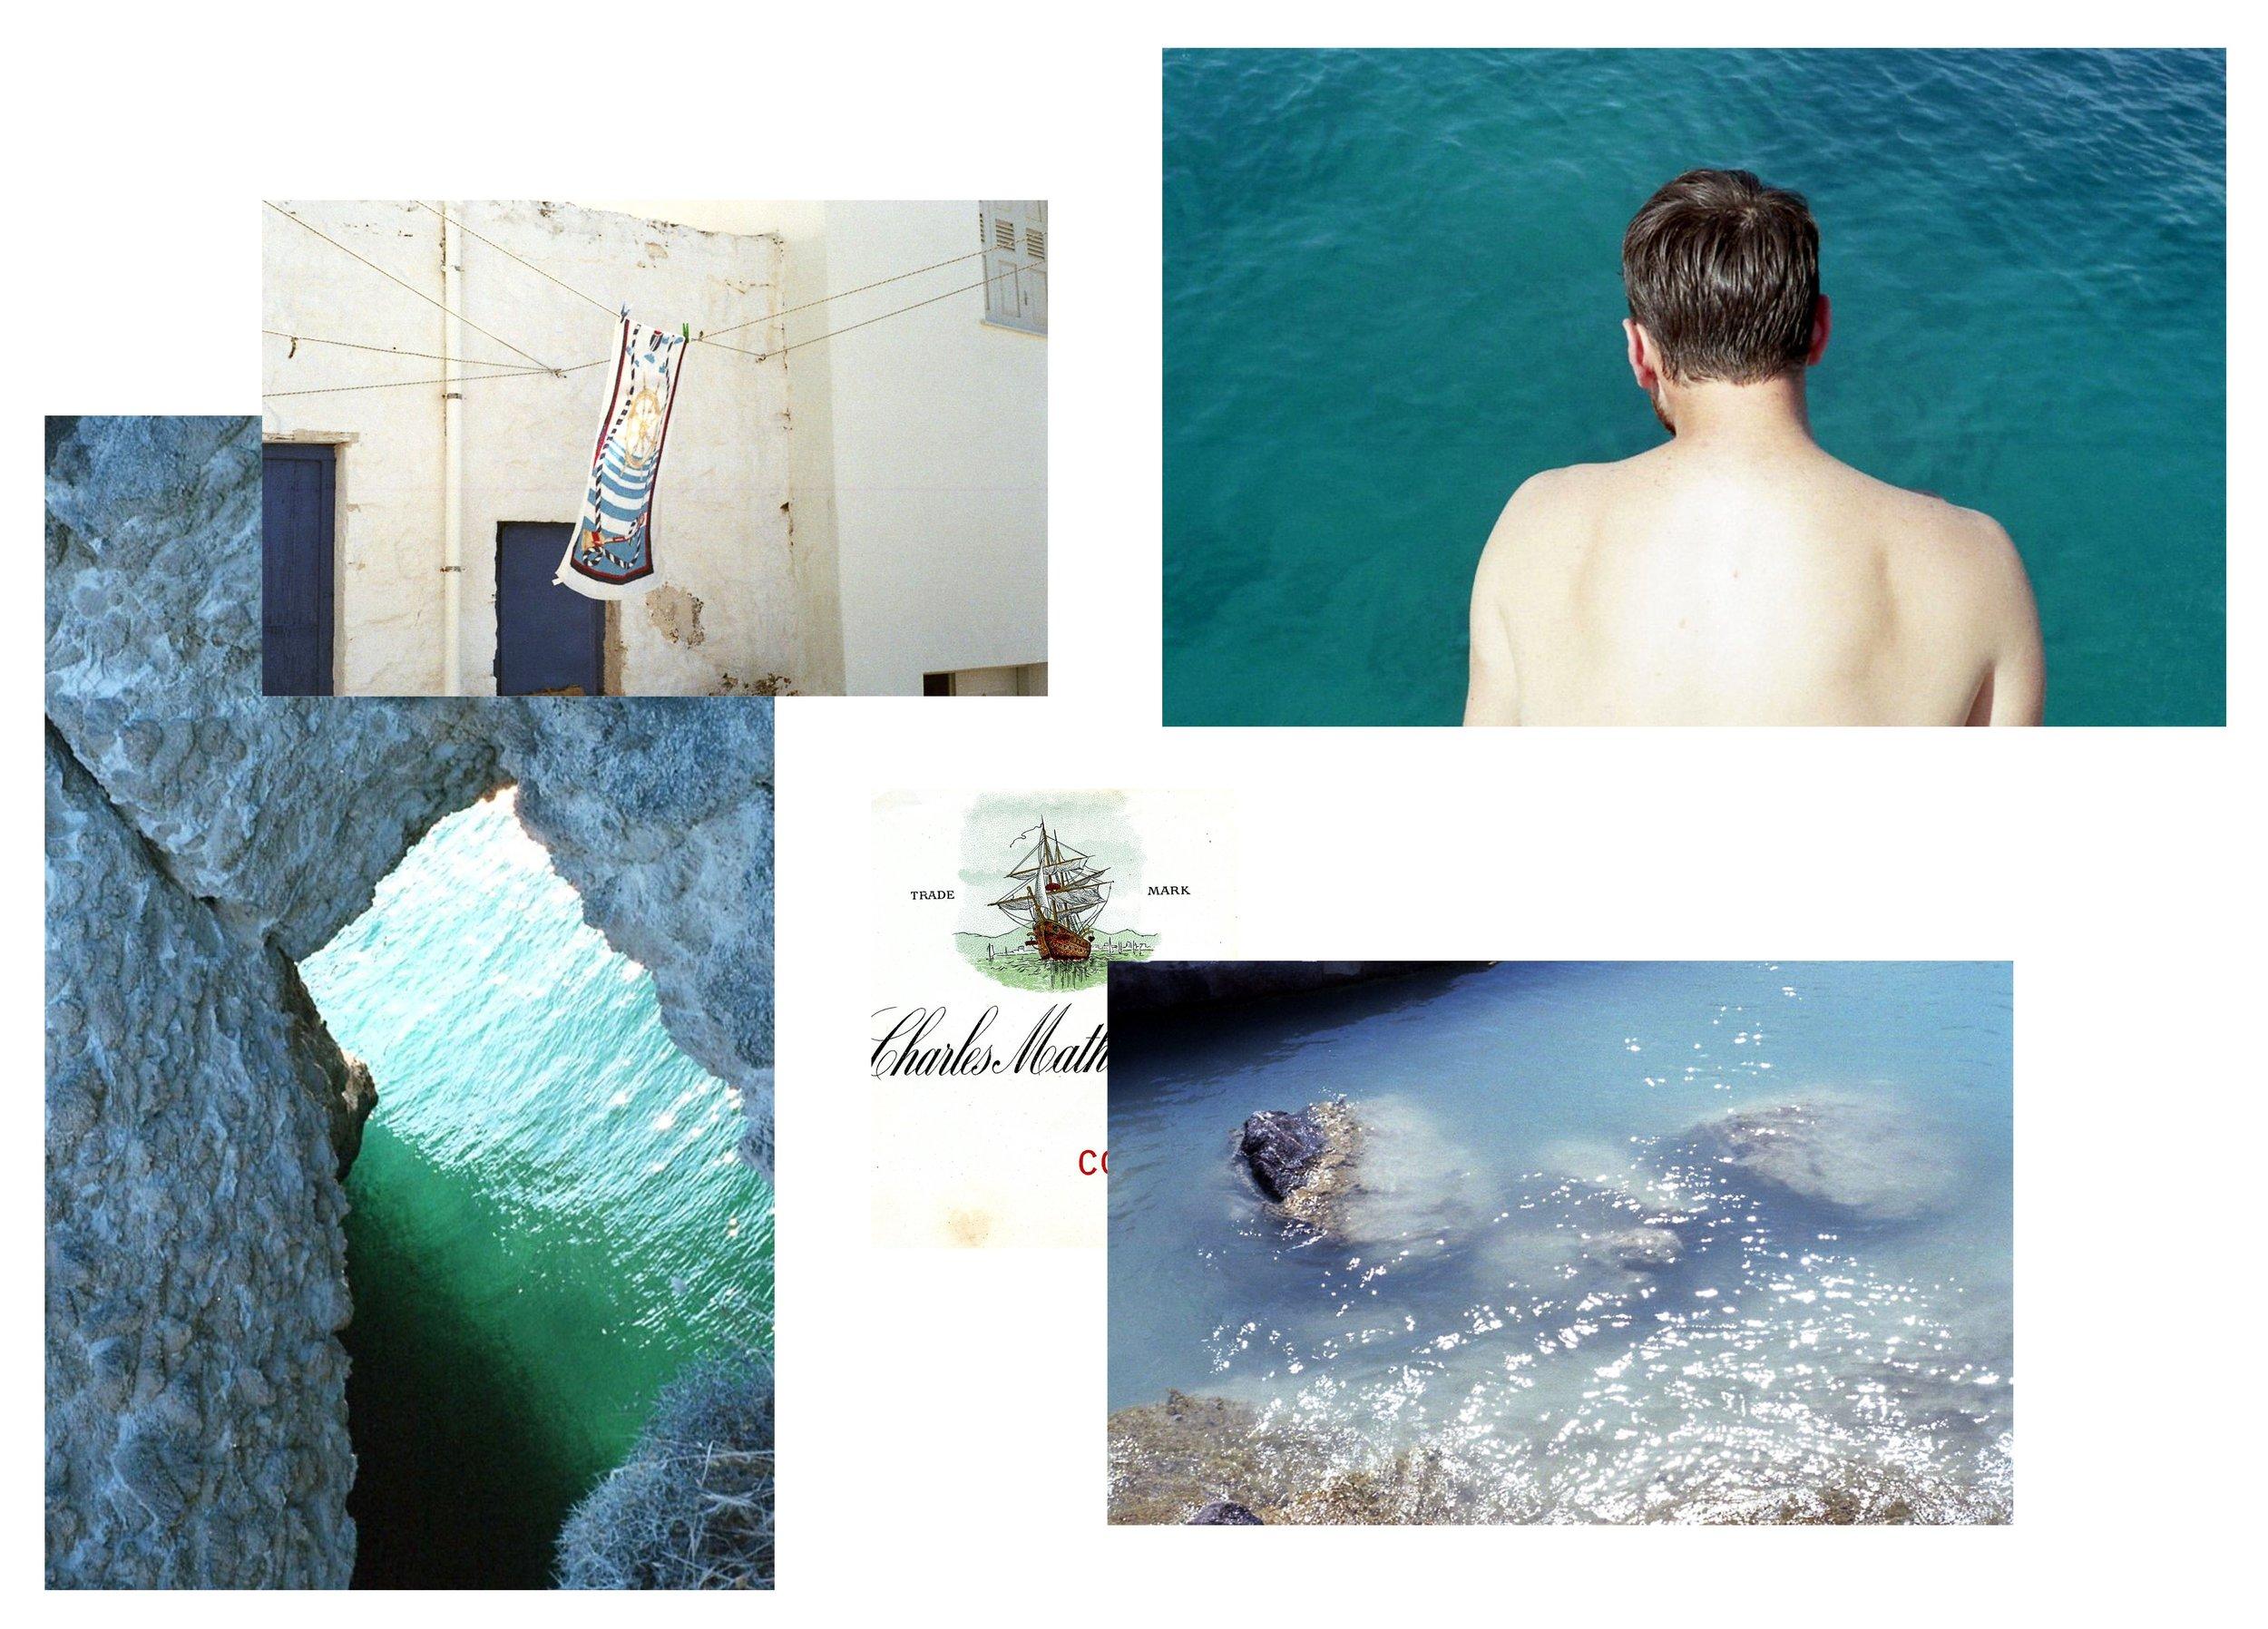 Greece collage 1e.jpg